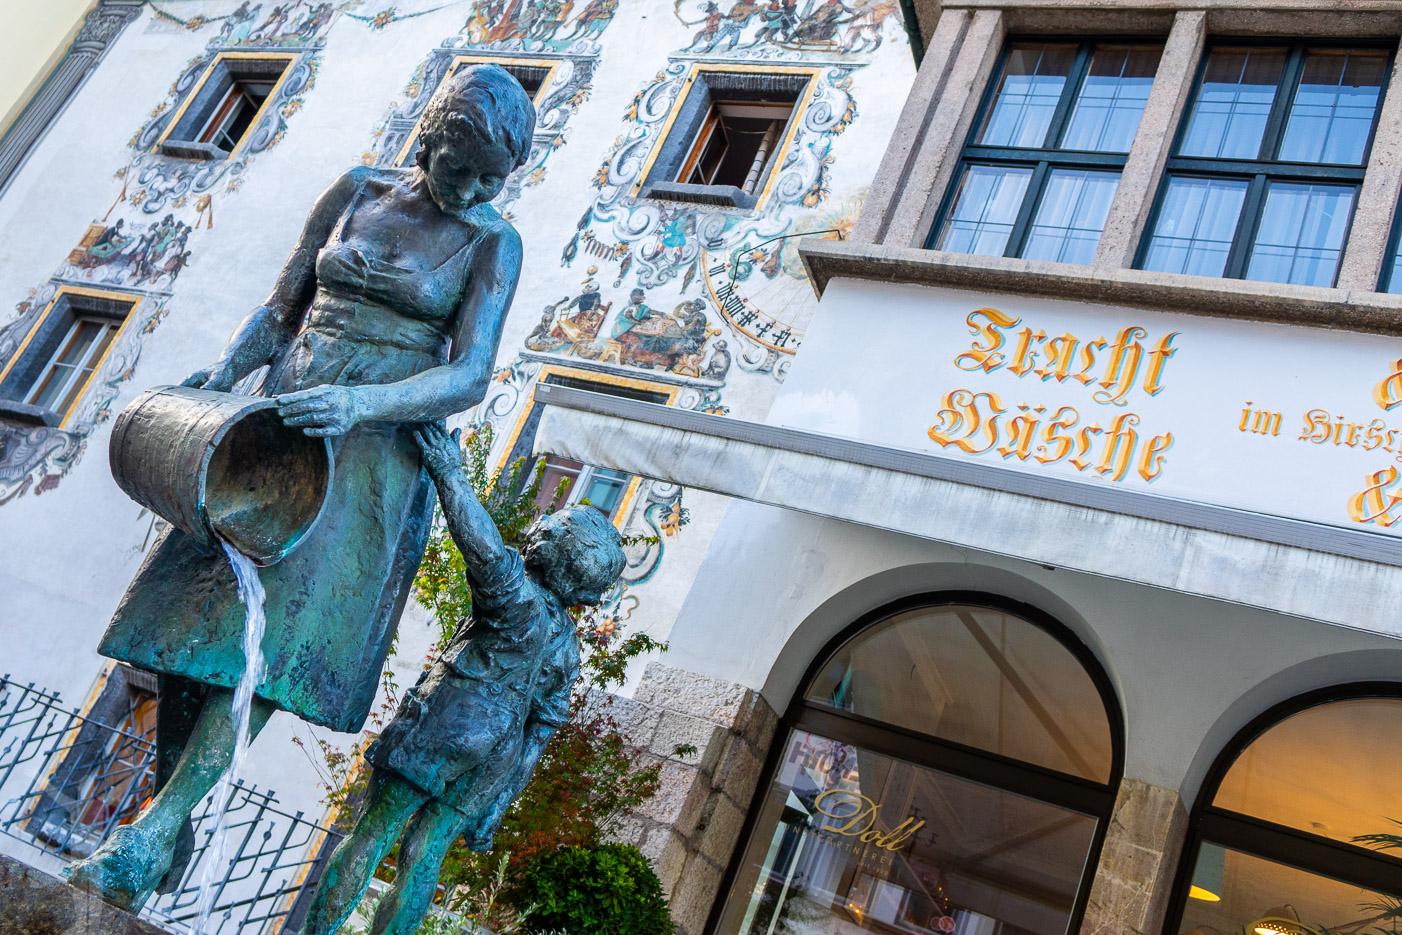 Väggmålningar i Berchtesgaden